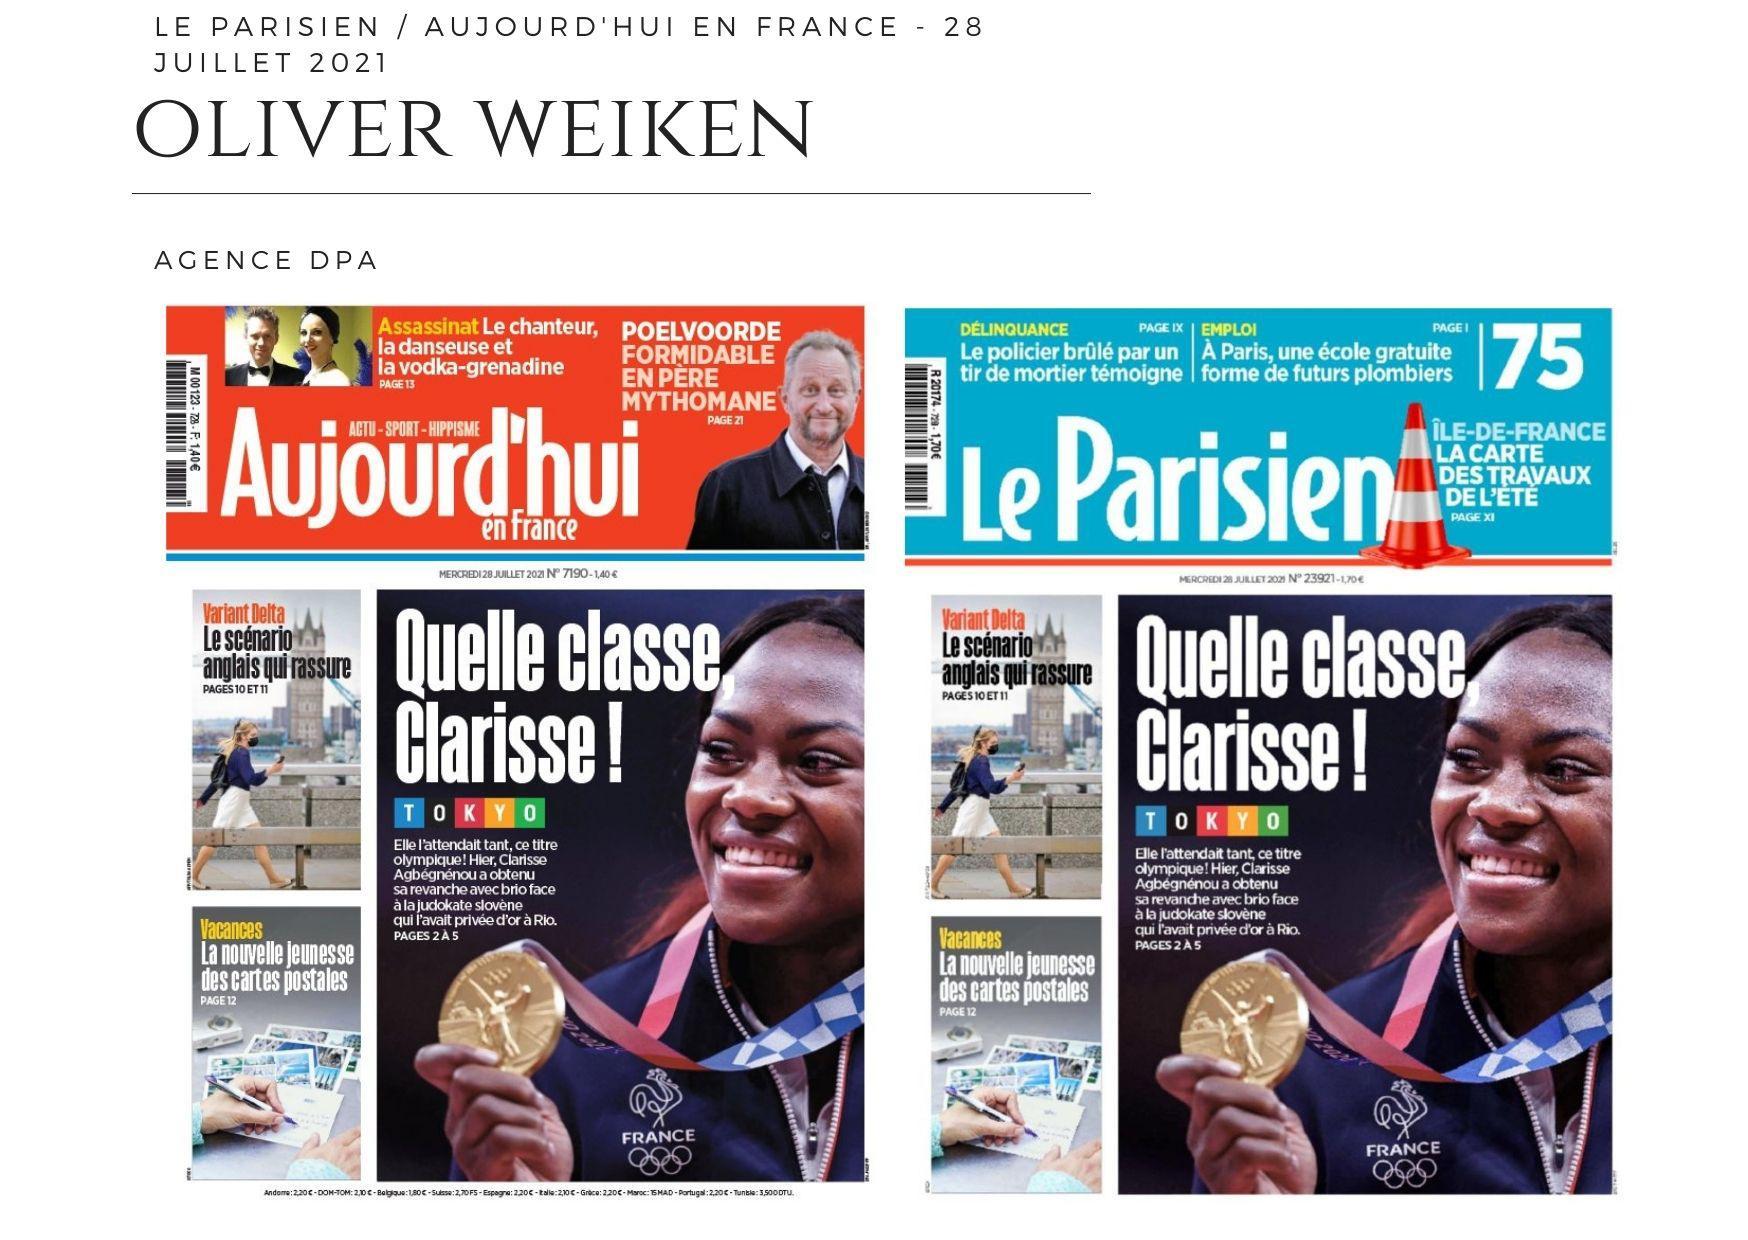 Aujourd'hui en France / Le Parisien - 28 juillet 2021